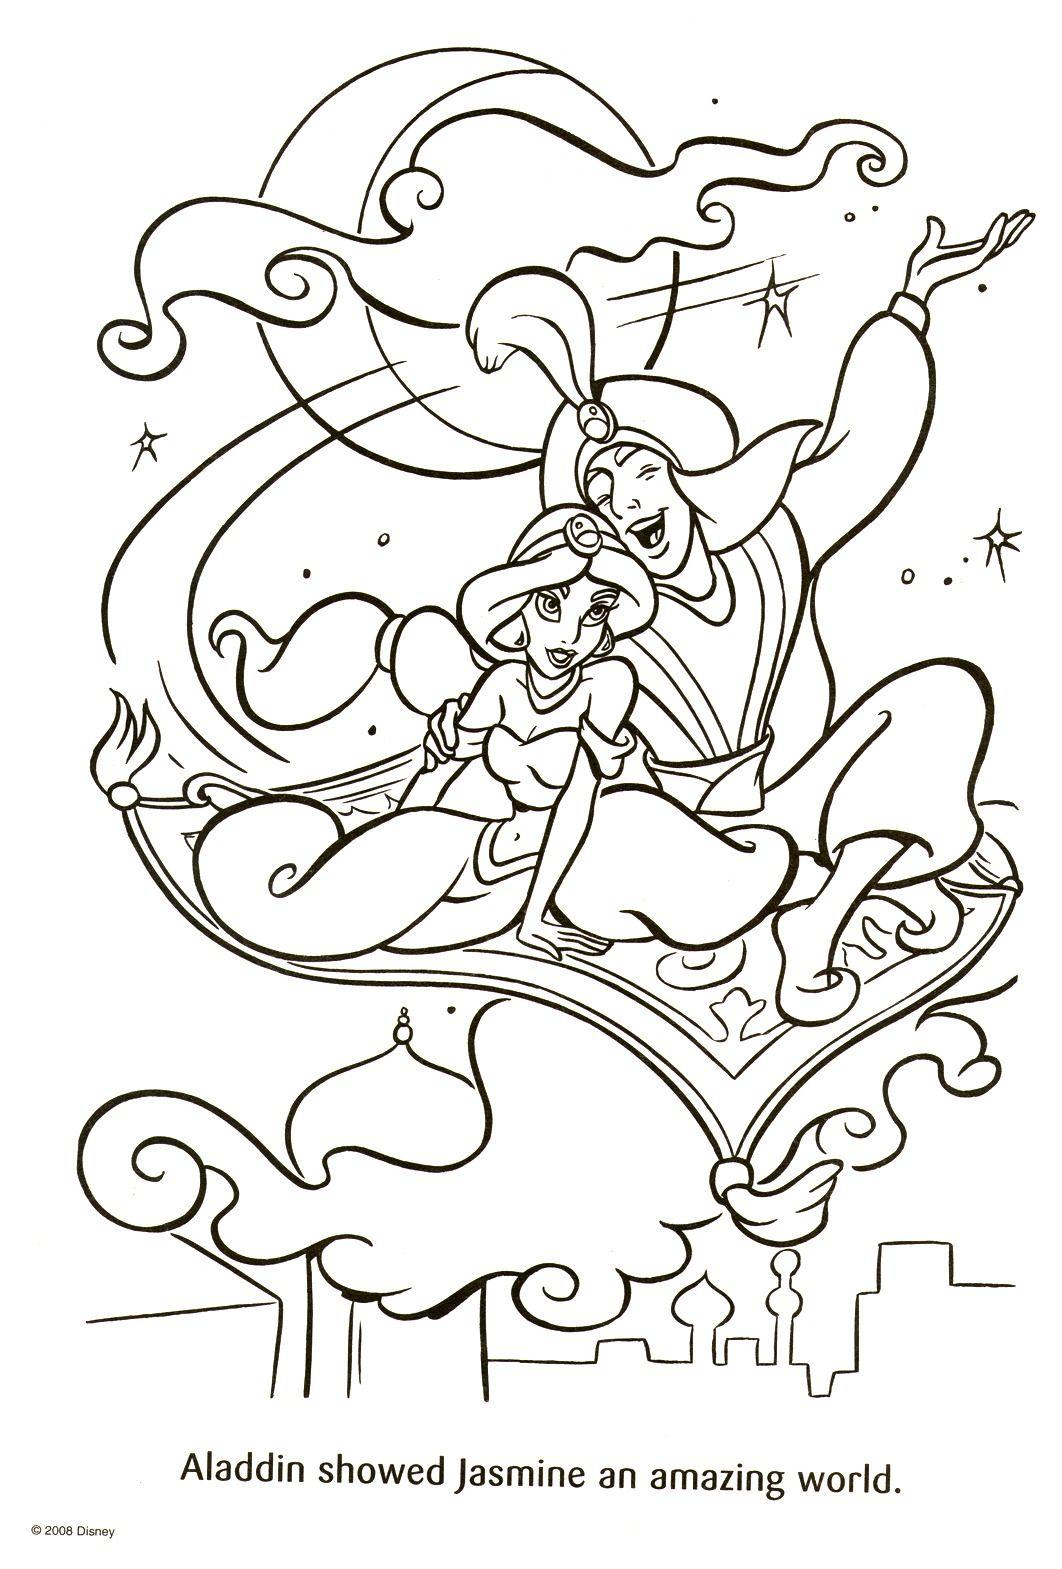 9 idées de Coloriage : Aladdin  coloriage, coloriage disney, aladdin